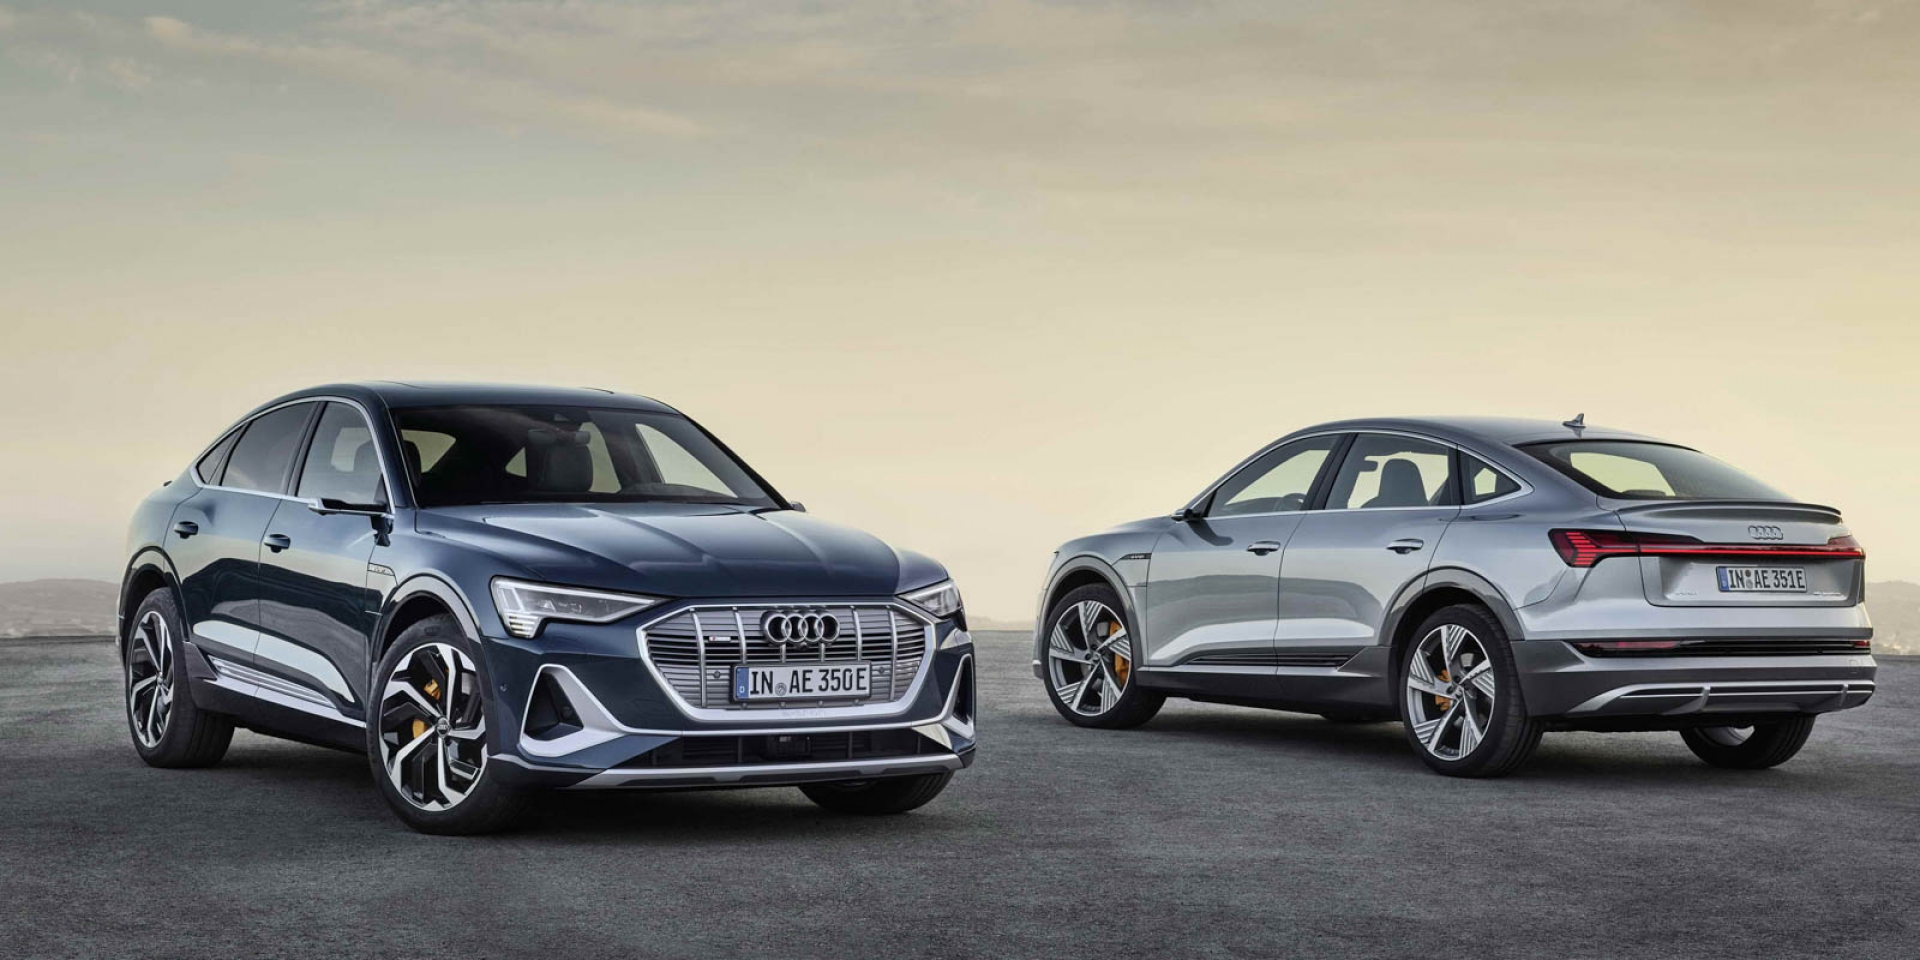 官方新聞稿。全台便捷純電生活圈 全新Audi e-tron | e-tron Sportback預售價公佈